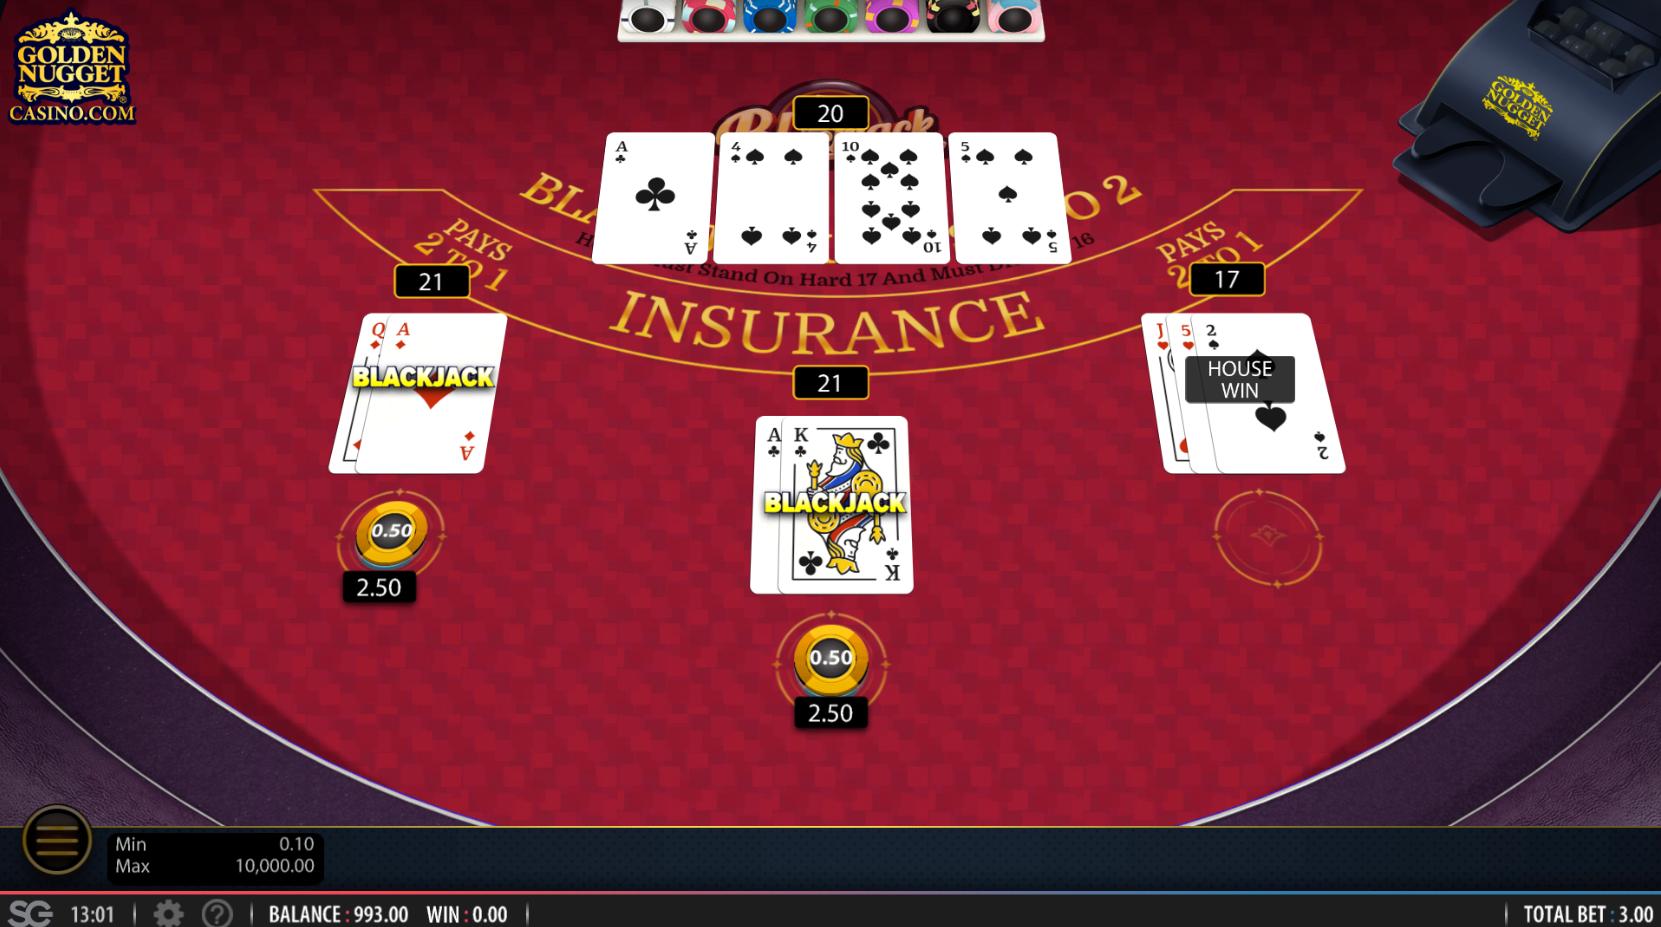 Golden Nugget Online Blackjack